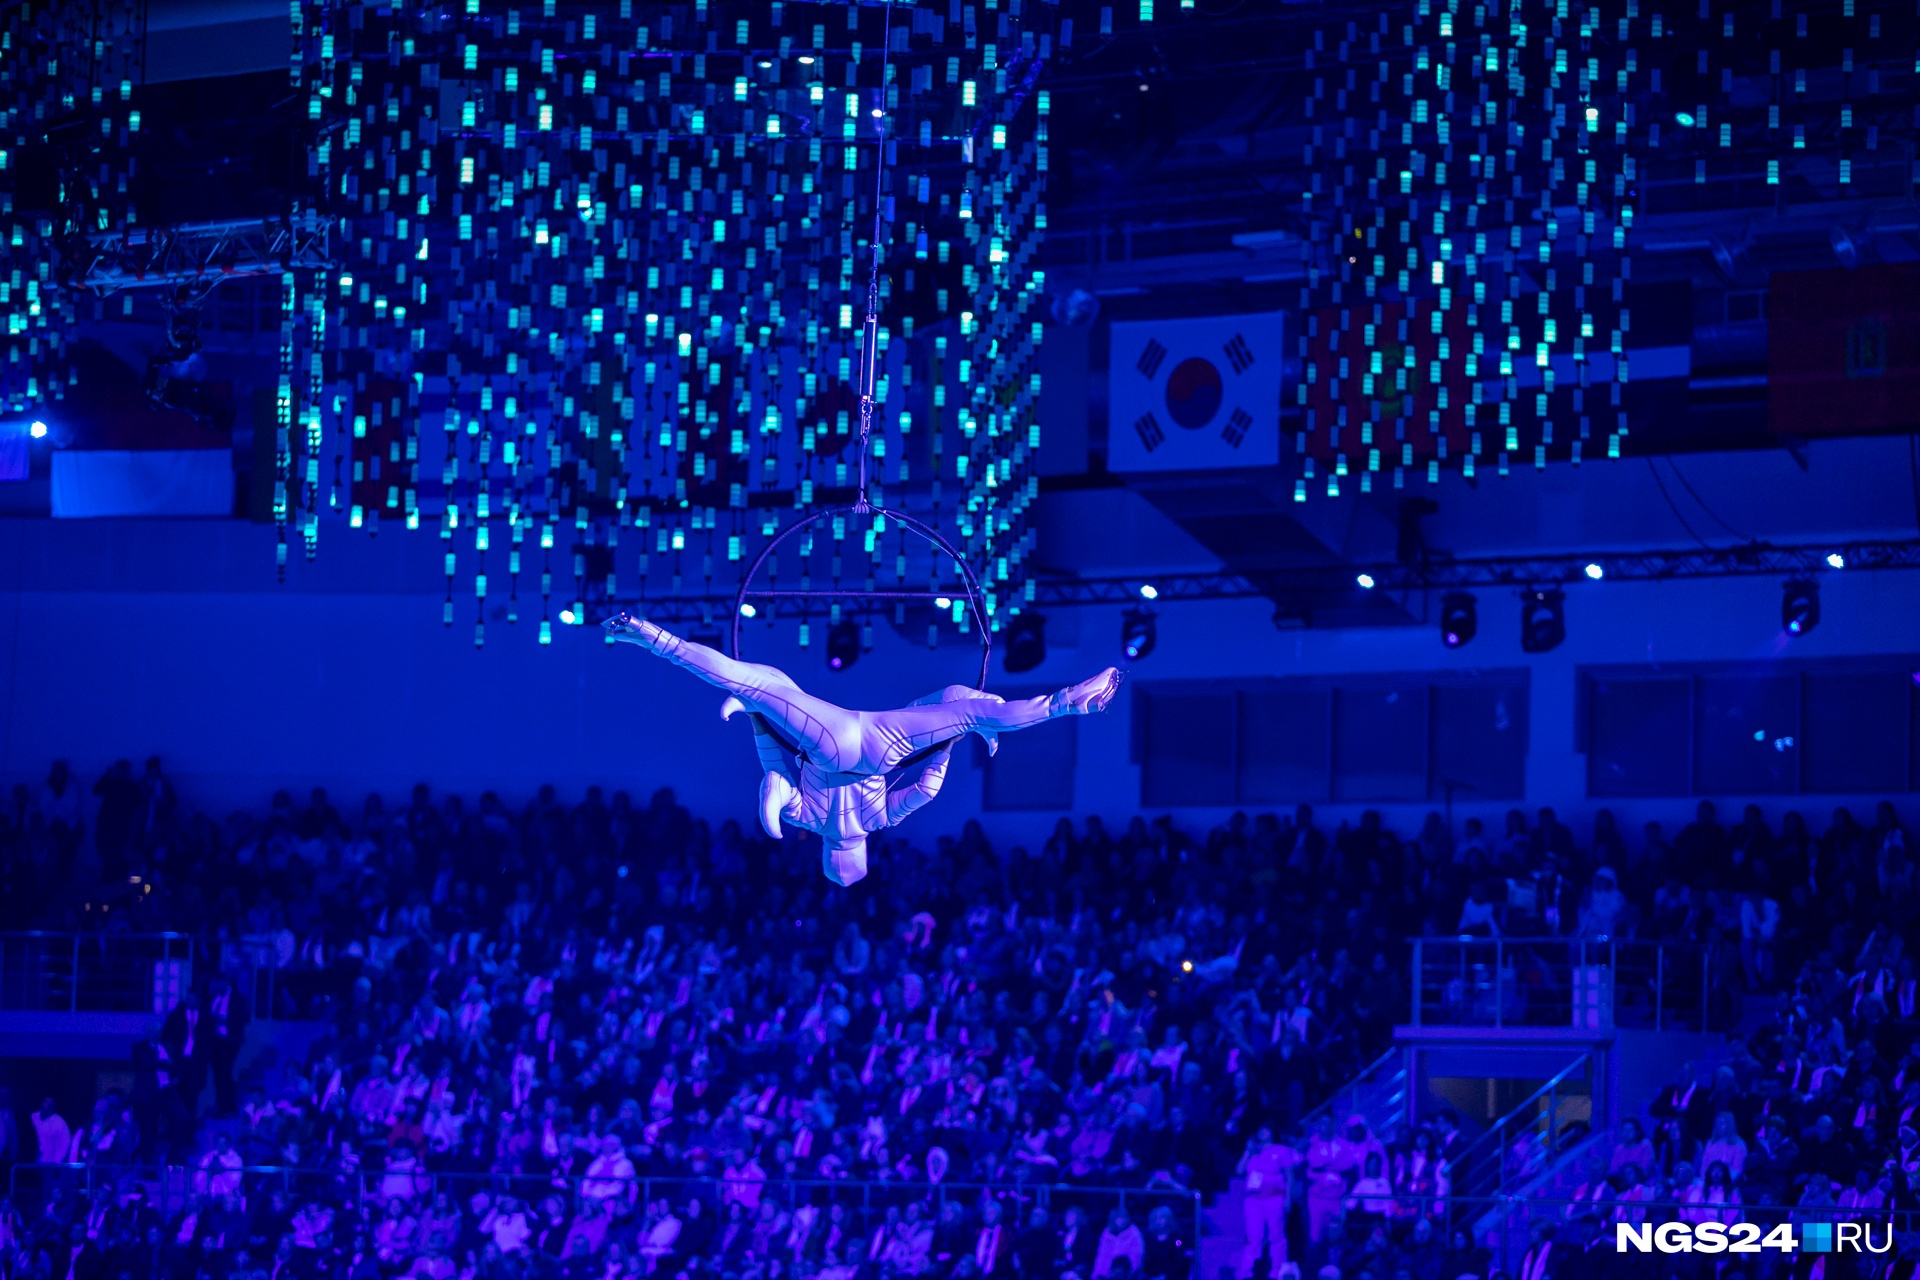 Элемент шоу — спускающийся на обруче гимнаст